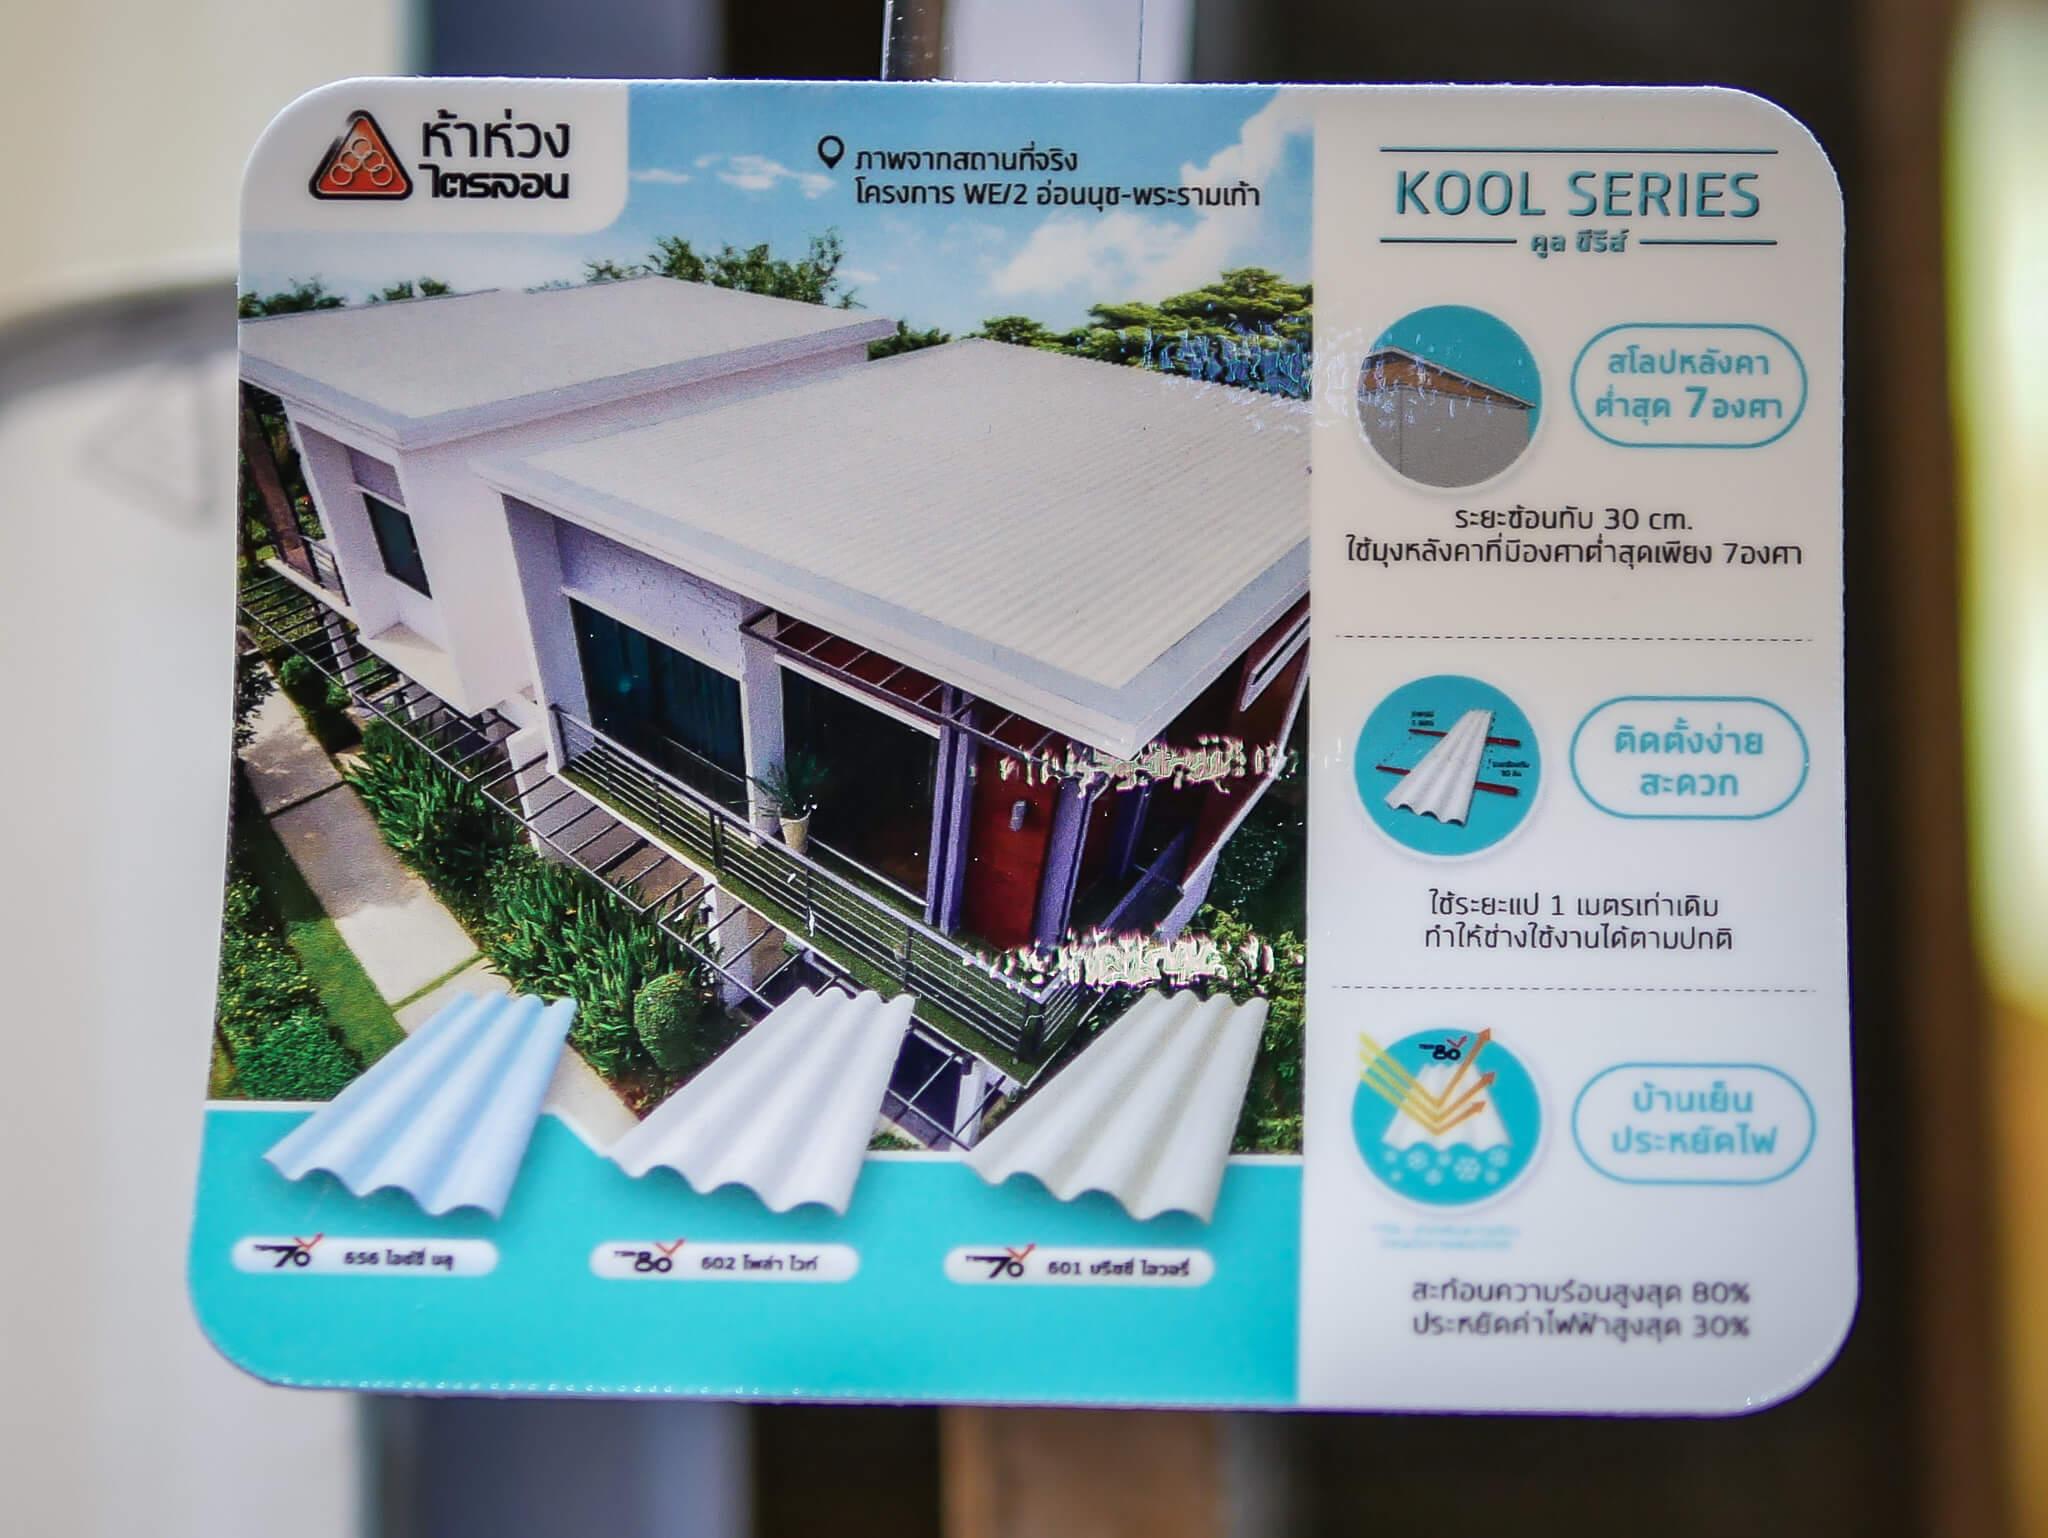 """ลบความทรงจำคำว่า """"ไม้ฝา"""" เมื่อ """"เฌอร่า"""" อวดบูธไม่มีฝา ชนะเลิศประกวดบูธ Creative ที่งานสถาปนิก'60 38 - Architecture"""